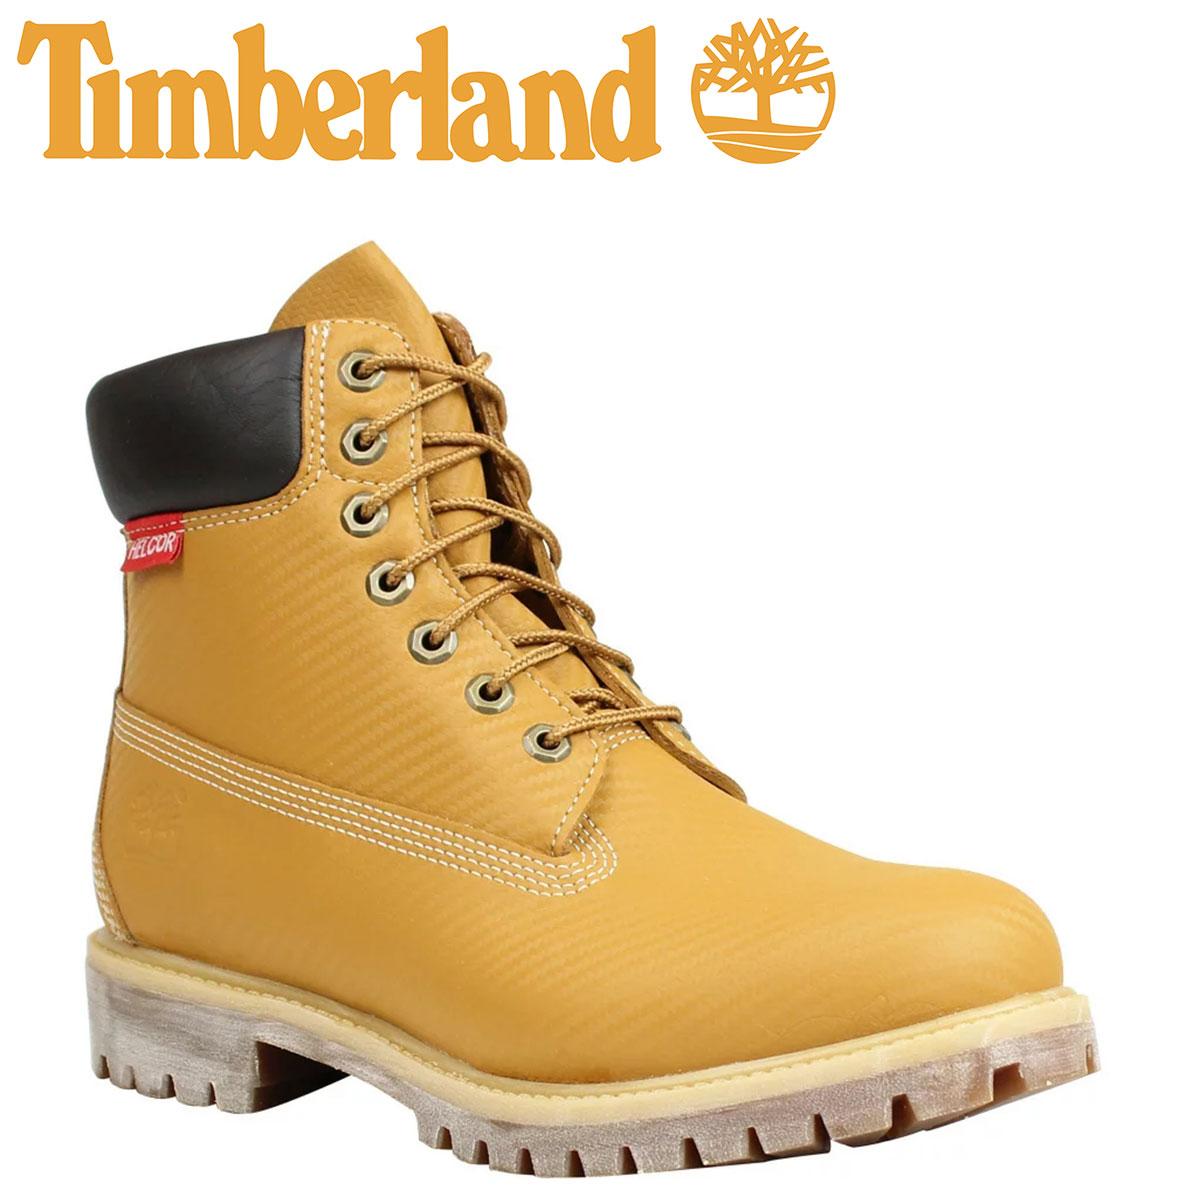 ティンバーランド ブーツ メンズ 6インチ Timberland 6INCH PRM HELCOR CARBON FIBER BOOT プレミアム ヘルカー カーボンファイバー 6607A Wワイズ ウィート